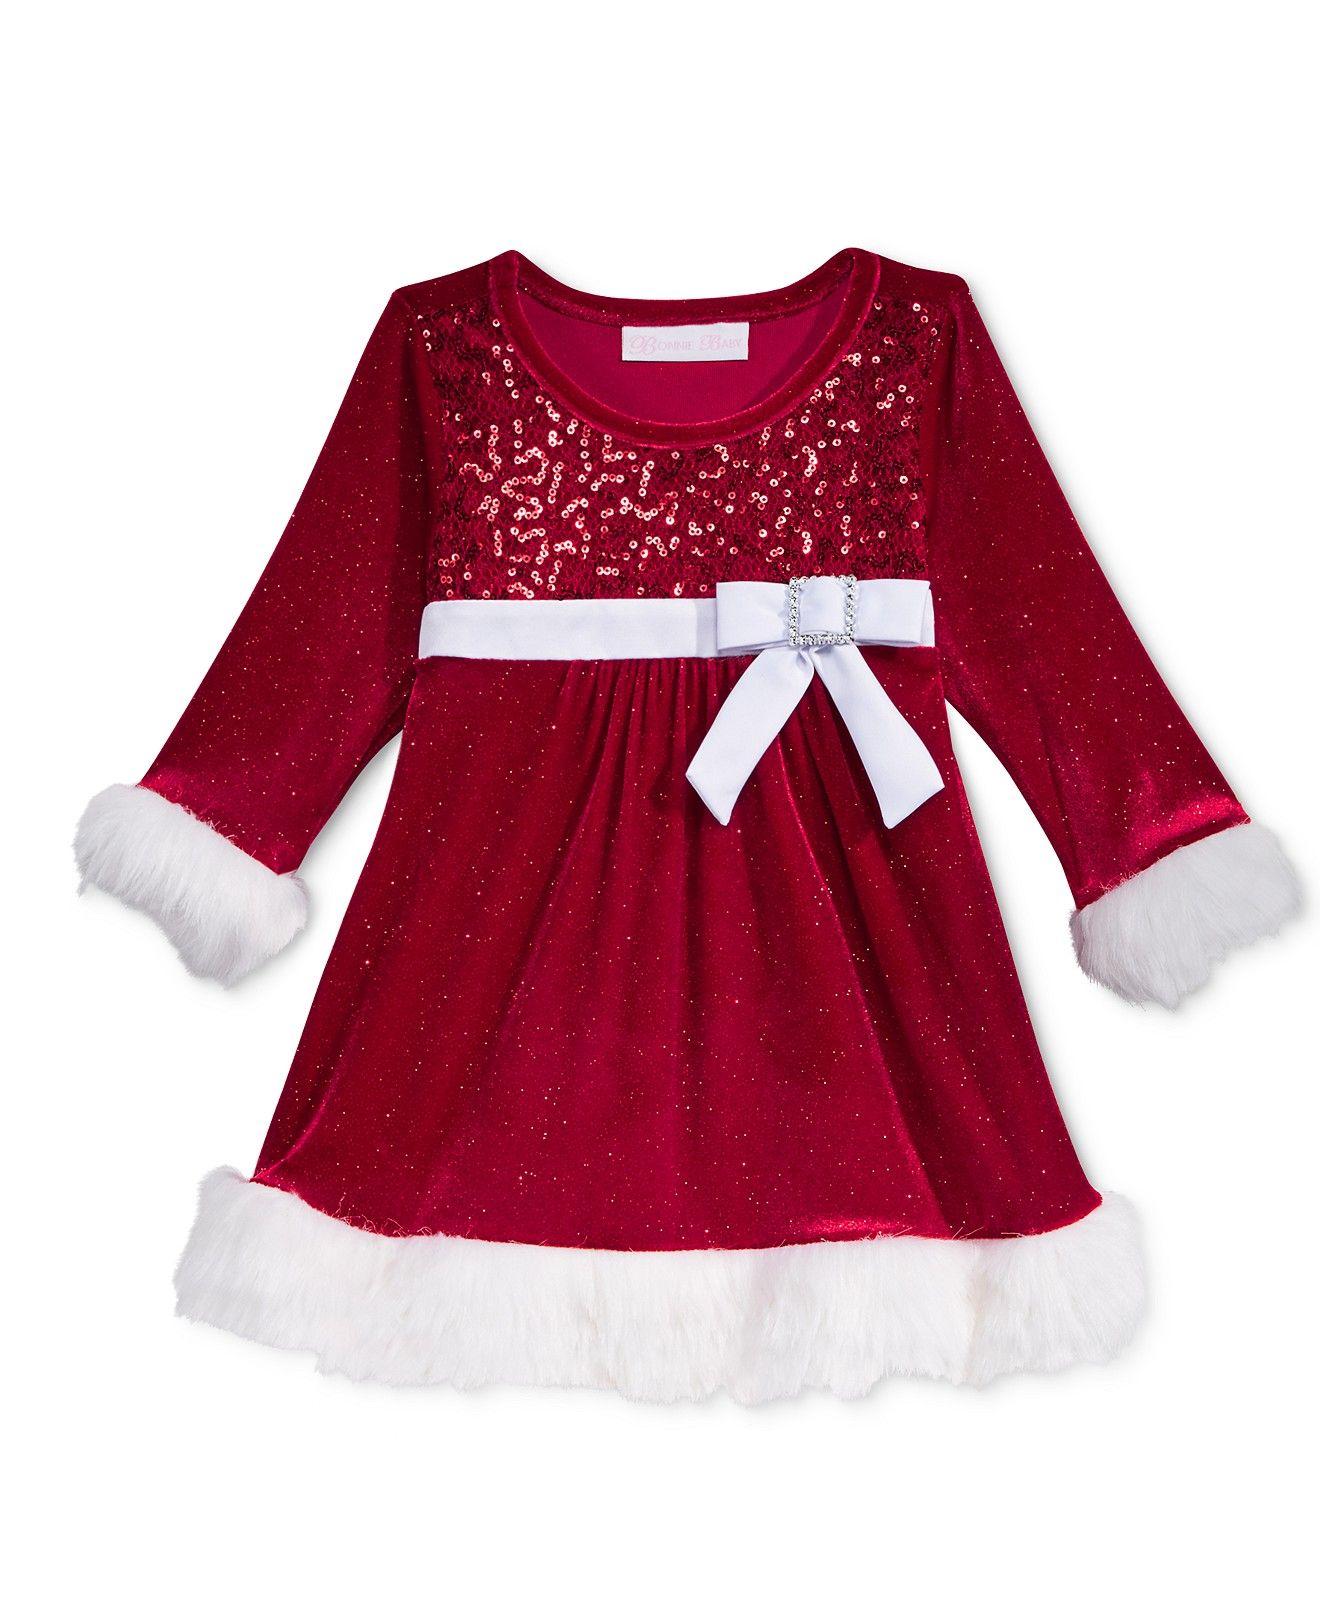 7766365f Bonnie Jean Sister Velvet Santa Dresses, Baby (0-24 Months), Toddler &  Little (2T-6X), & Big Girls (7-16) - Toddler Girls (2T-5T) - Kids & Baby -  Macy's